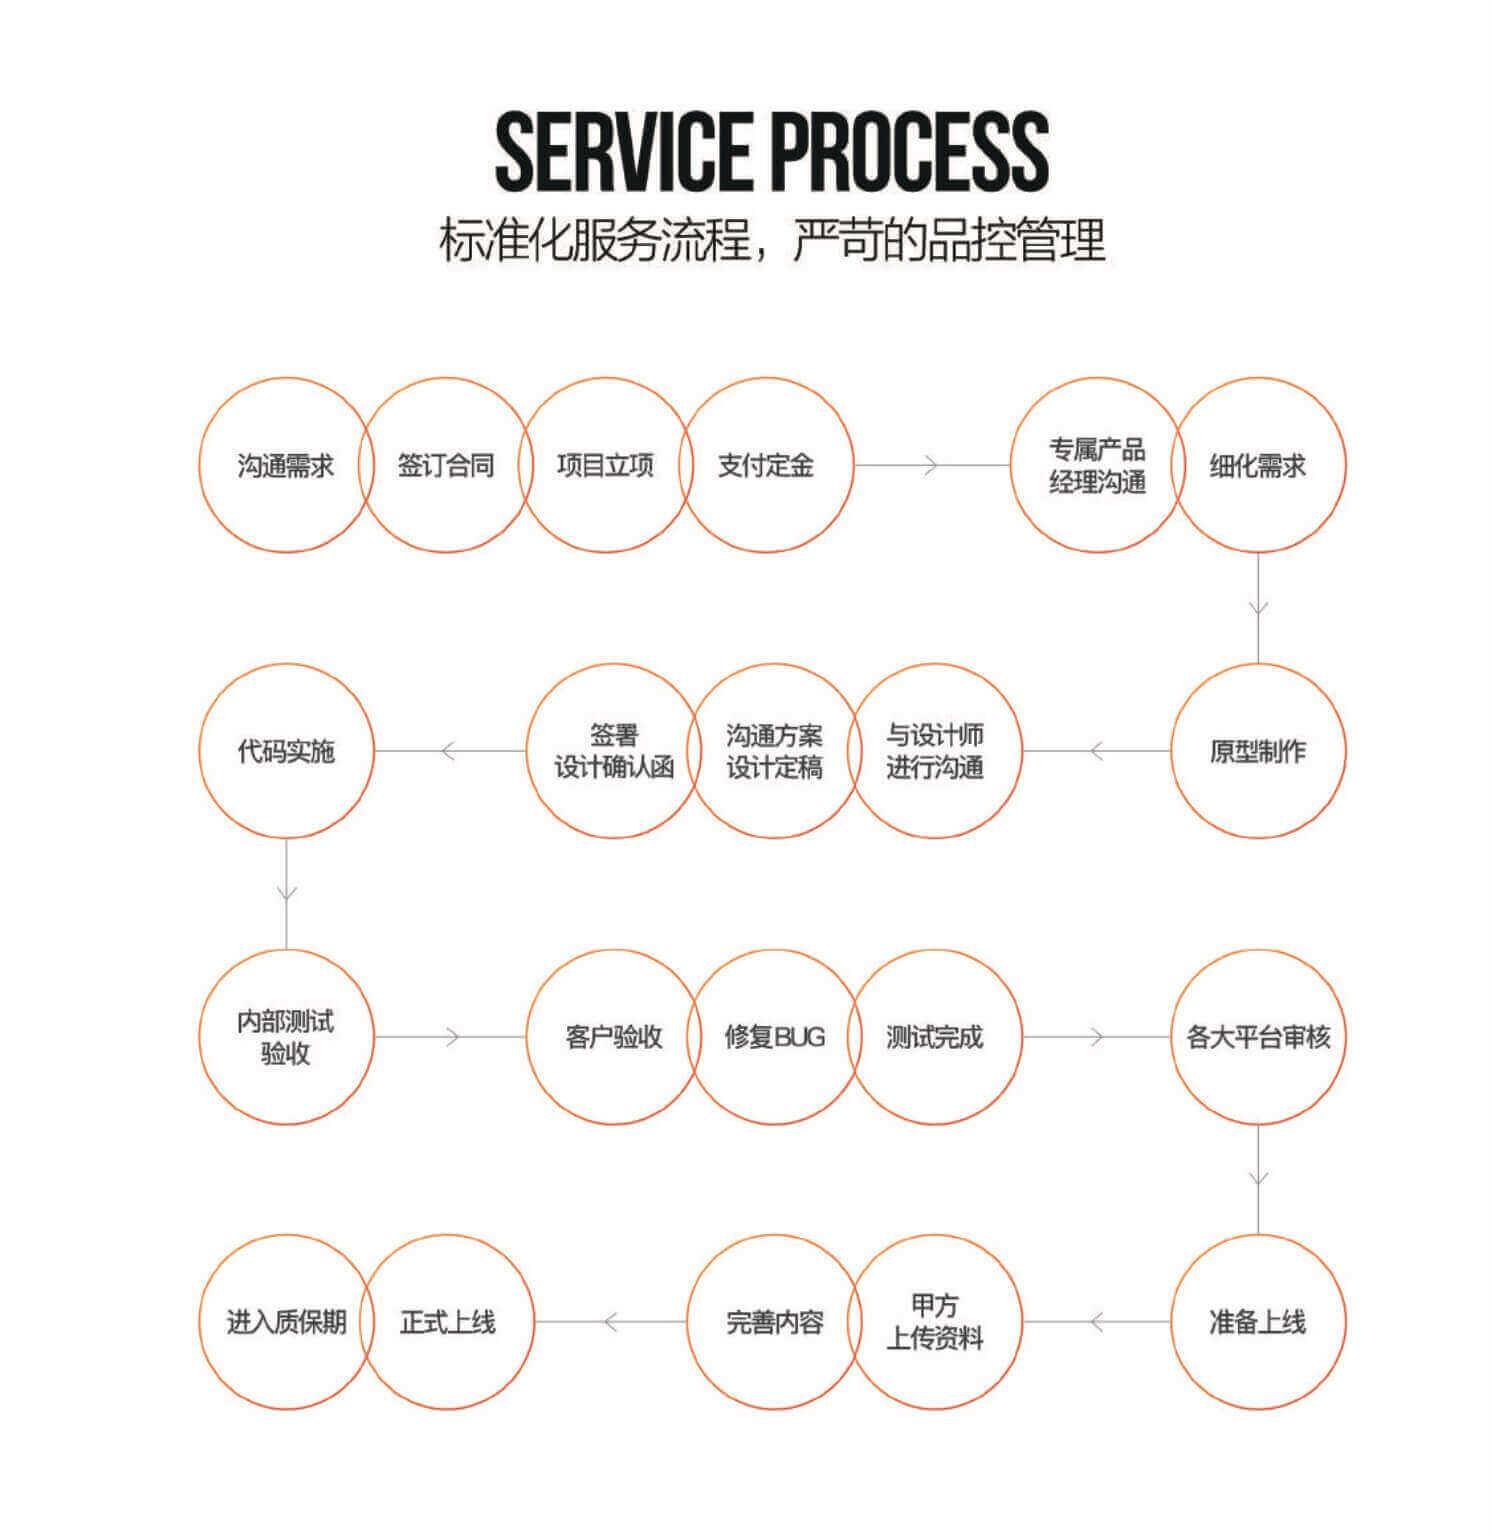 标准化的服务管理,严苛的品控管理